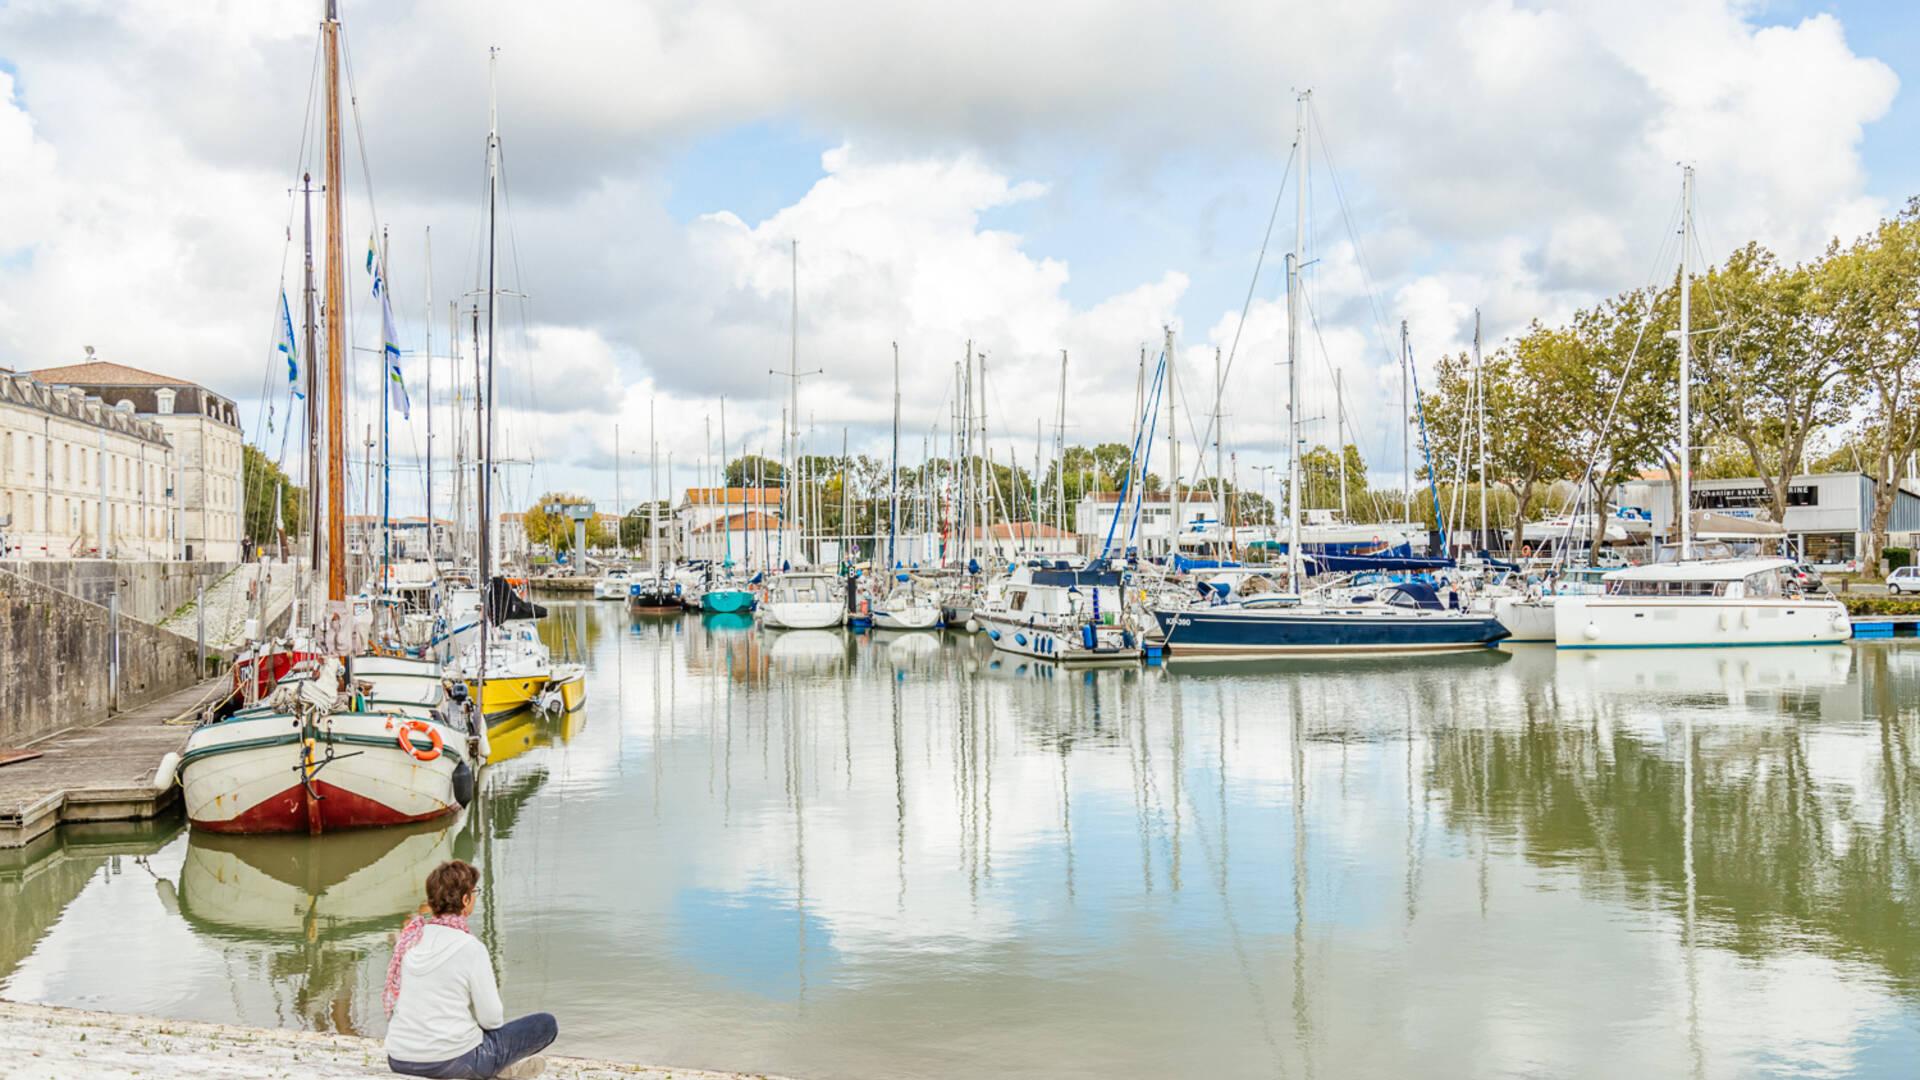 Port de plaisance de Rochefort © F.Makhlouf